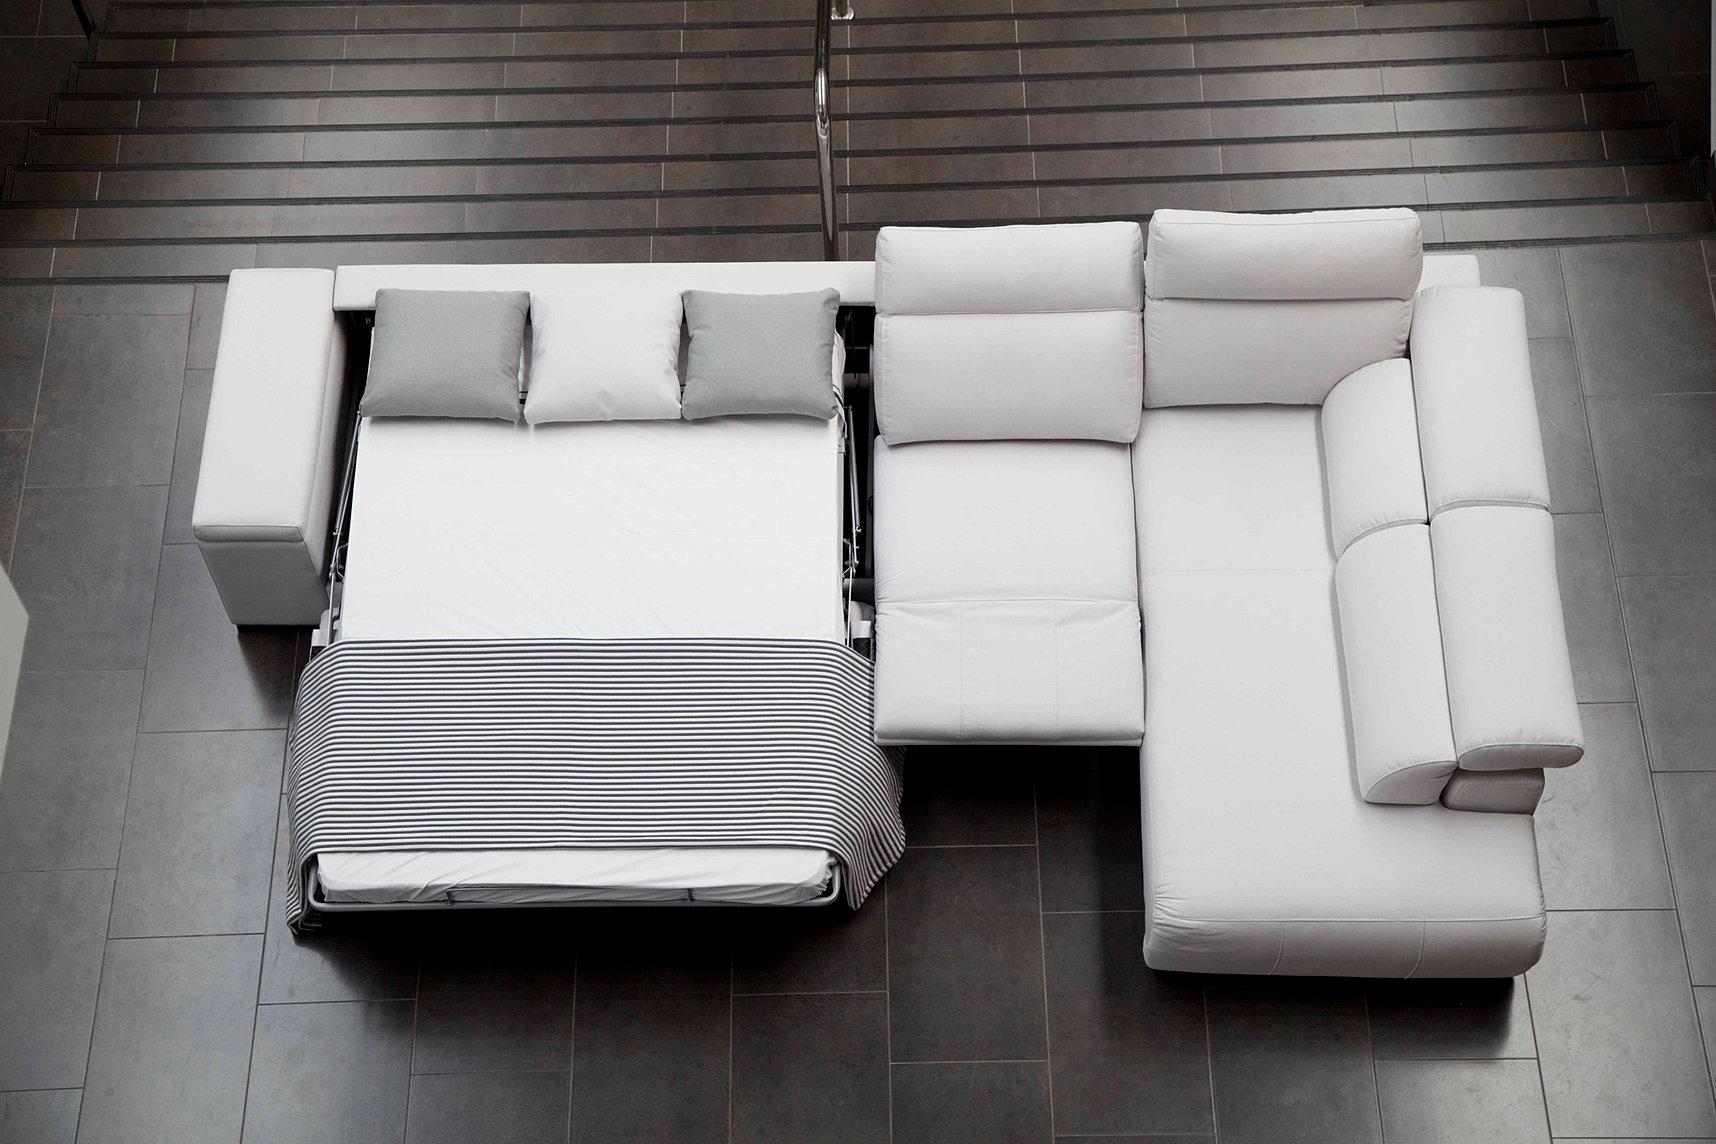 Sofas cama en sevilla simple lujo sofas cama ofertas fotos de cama ideas with sofas cama en - Factory del sofa sevilla ...